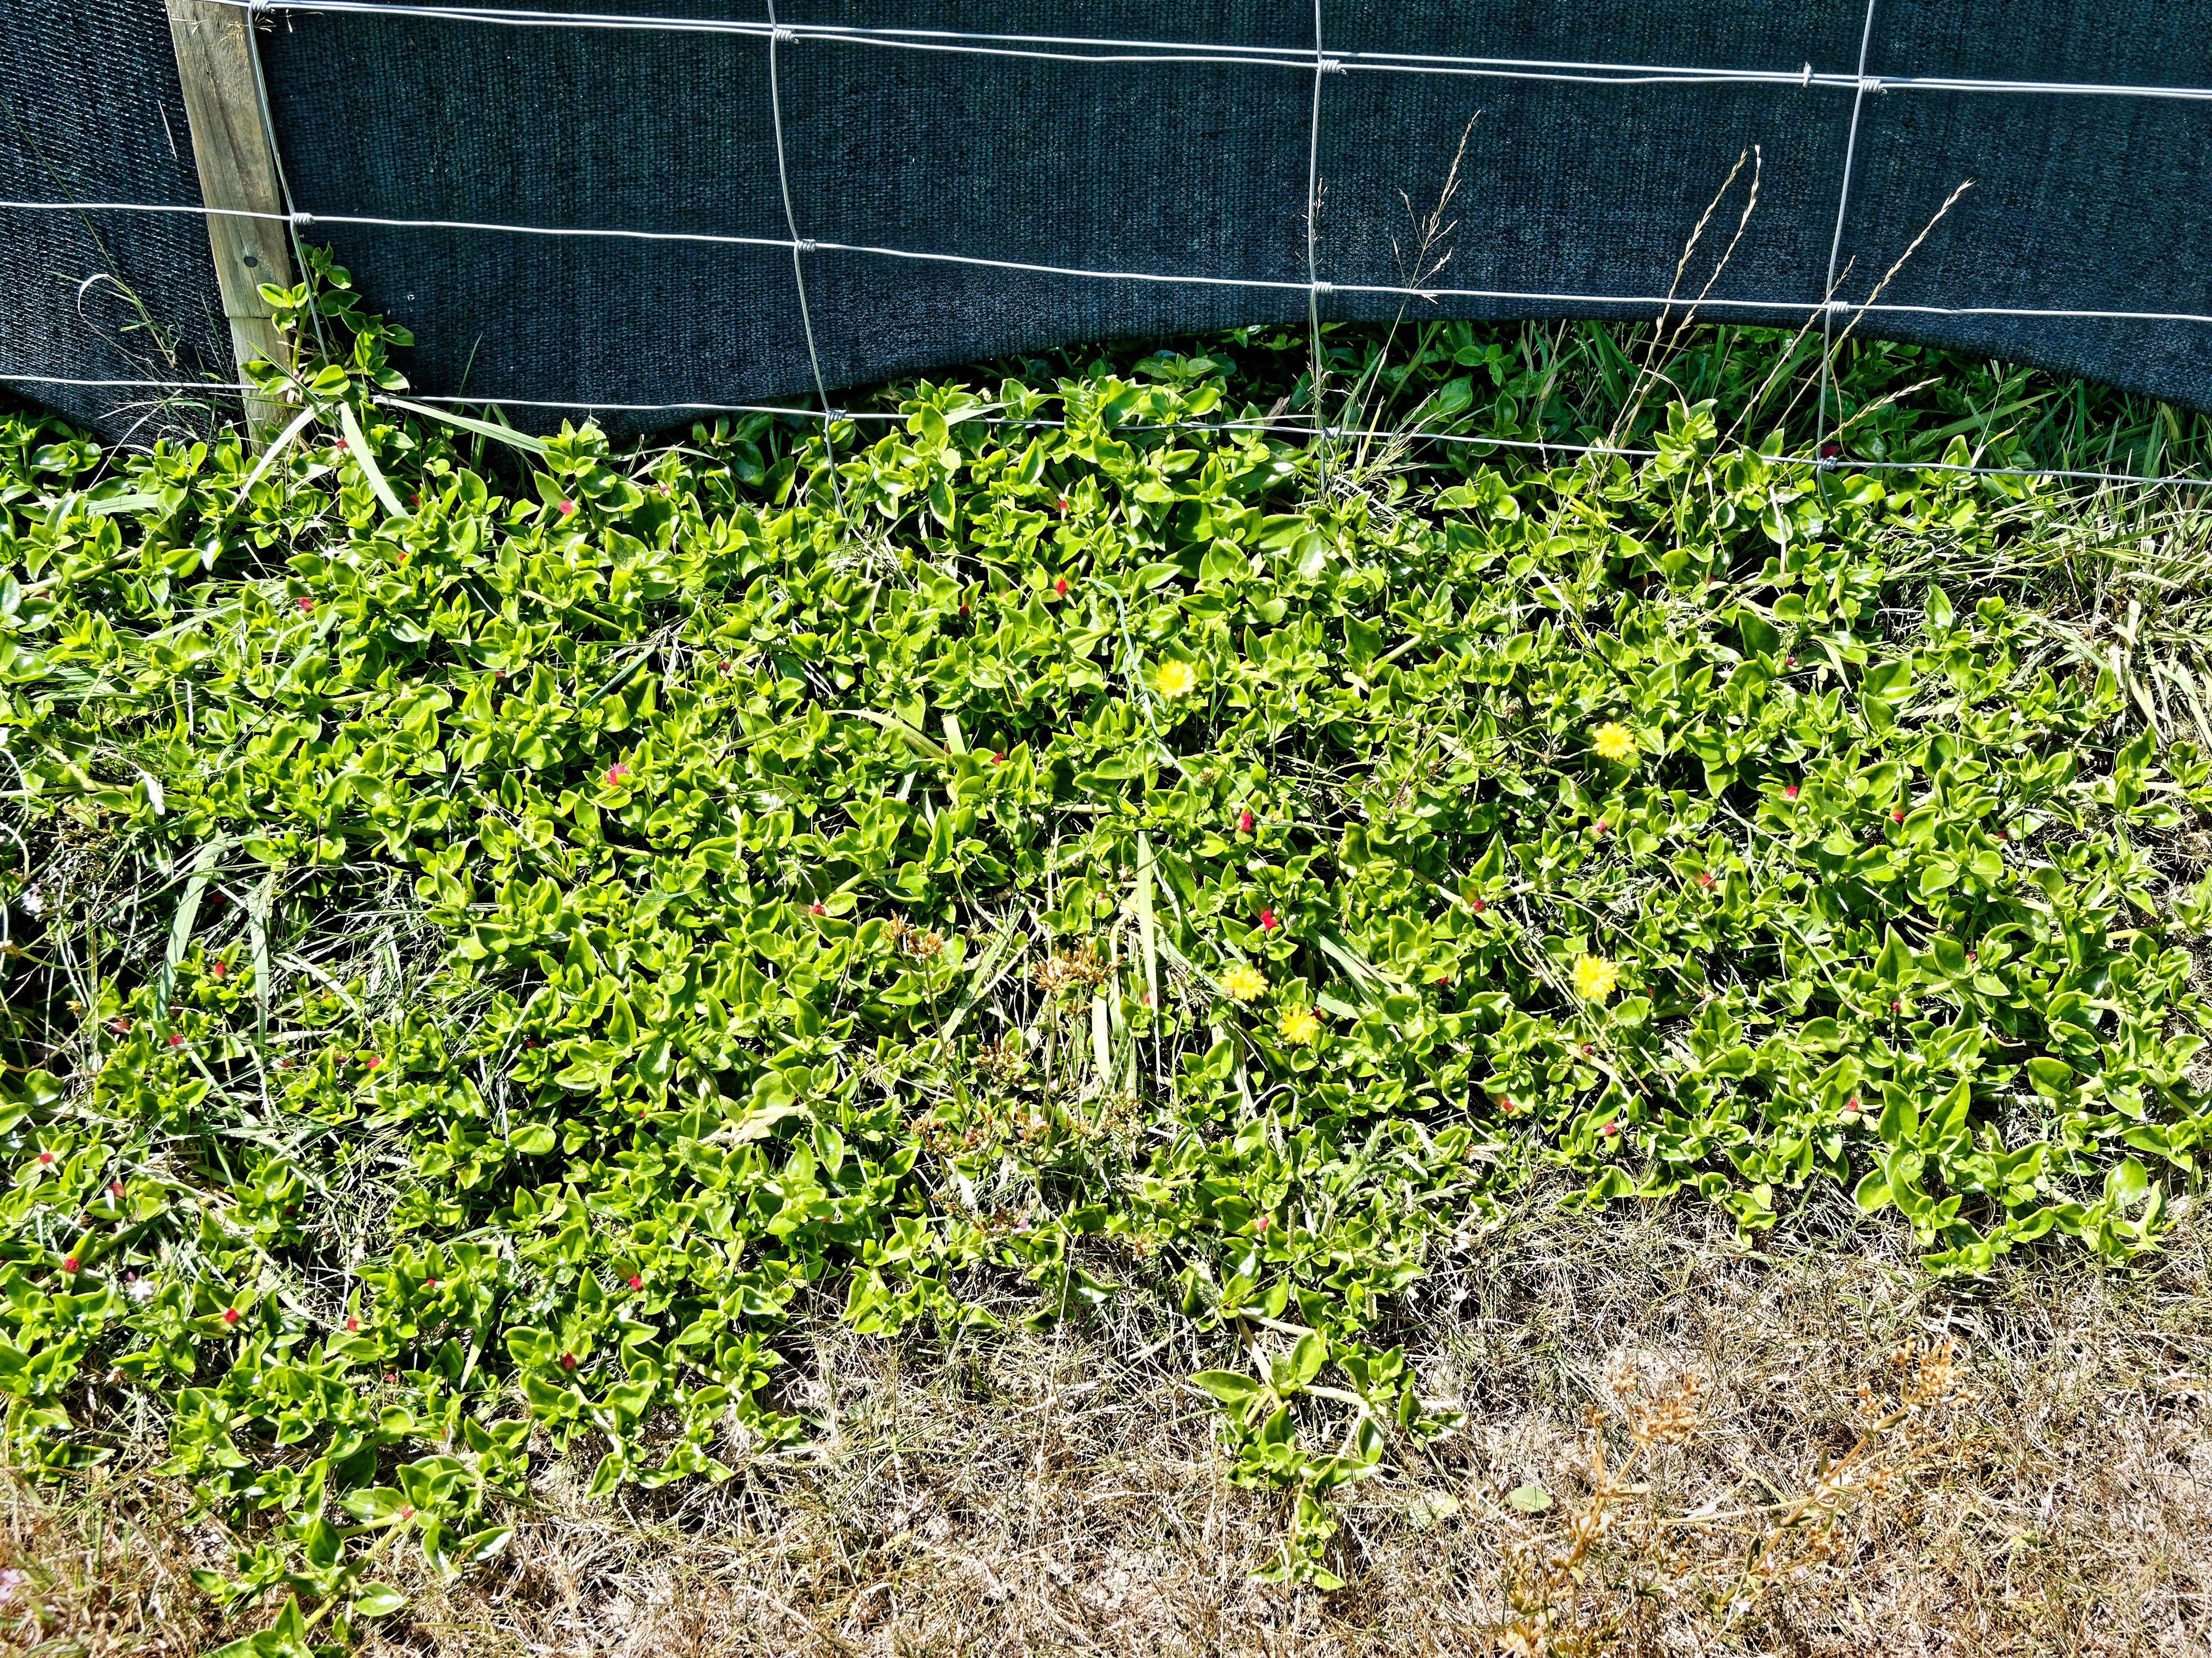 Mystery-plant-1-2.jpeg